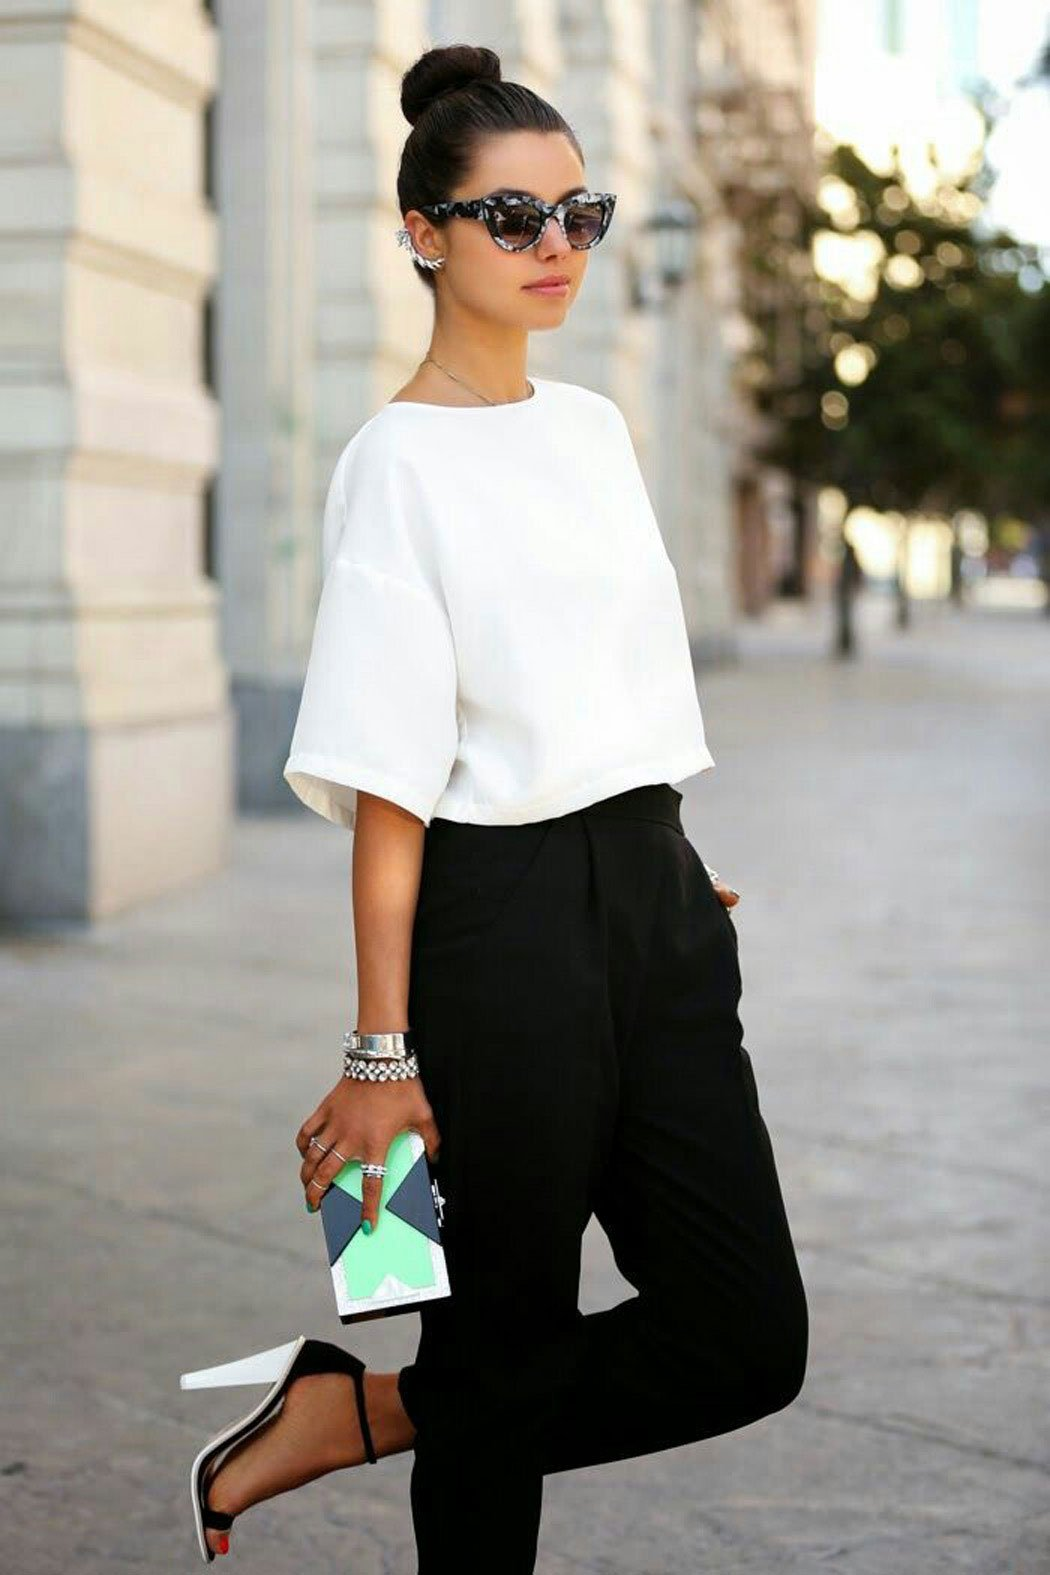 c5aa3ef4eb Totalmente elegante. Chica usando un pantalón negro y una blusa blanca